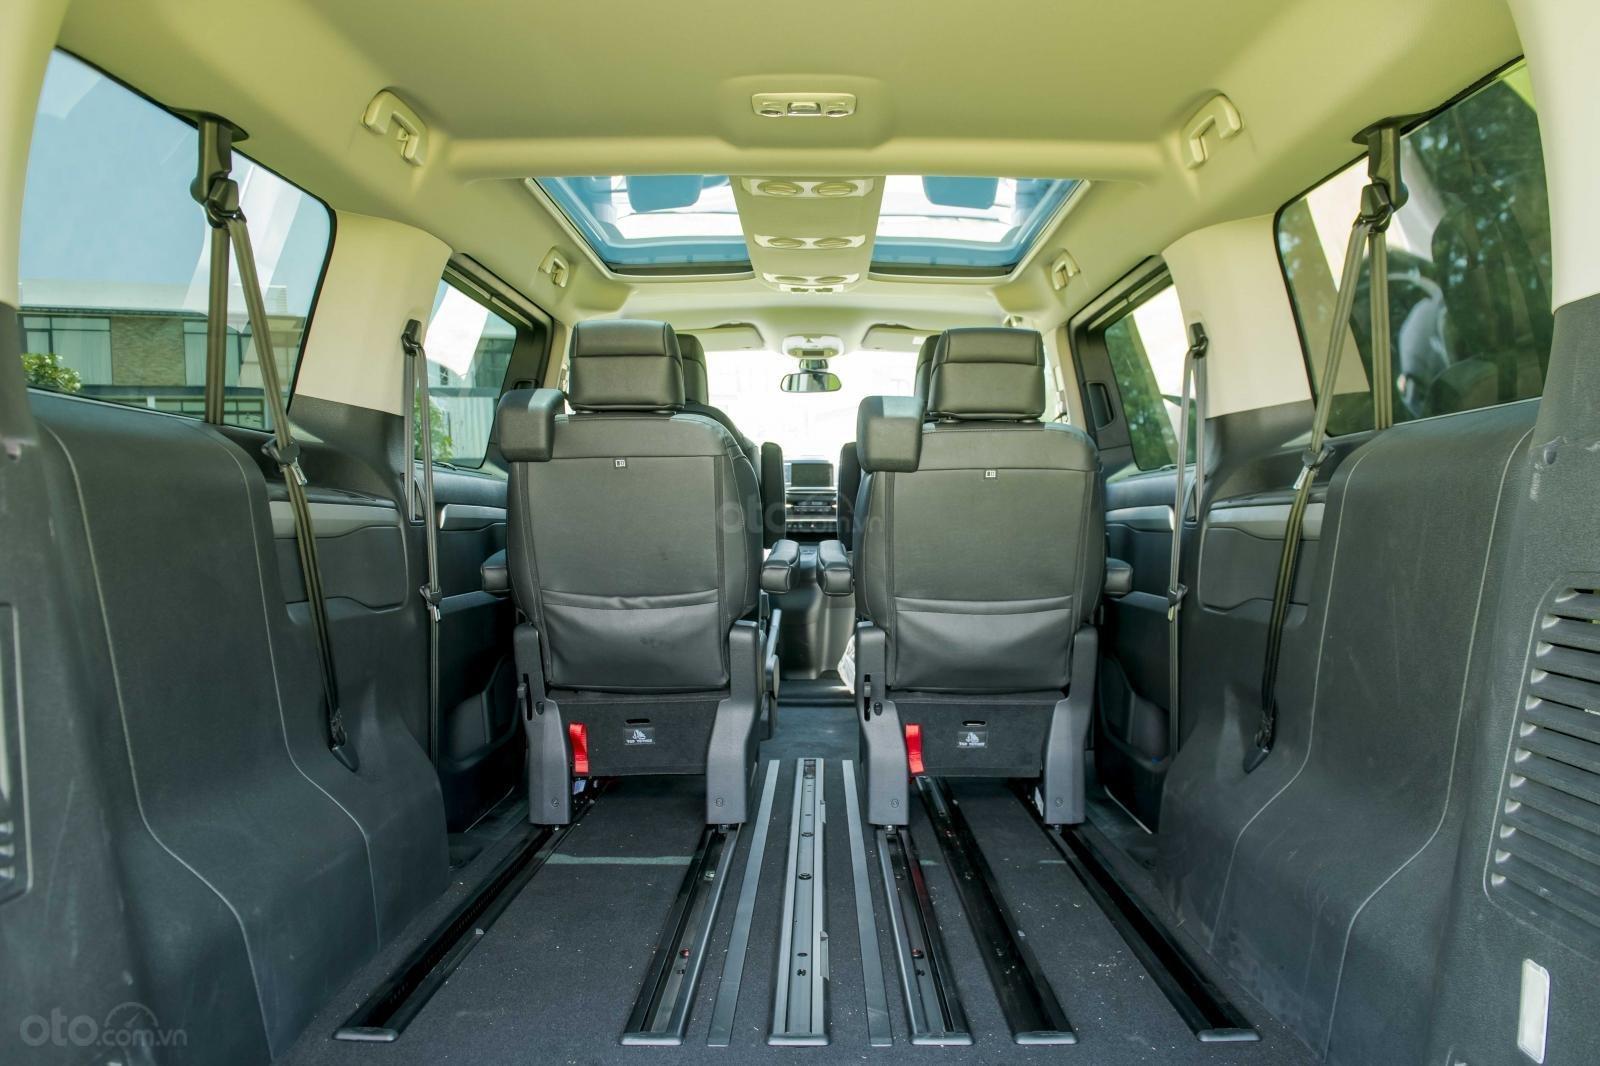 Peugeot Traveller Luxury 2019 - Có xe giao ngay - Nhiều ưu đãi hấp dẫn - Trả trước 20% nhận xe - Hotline: 0909.450.005-13